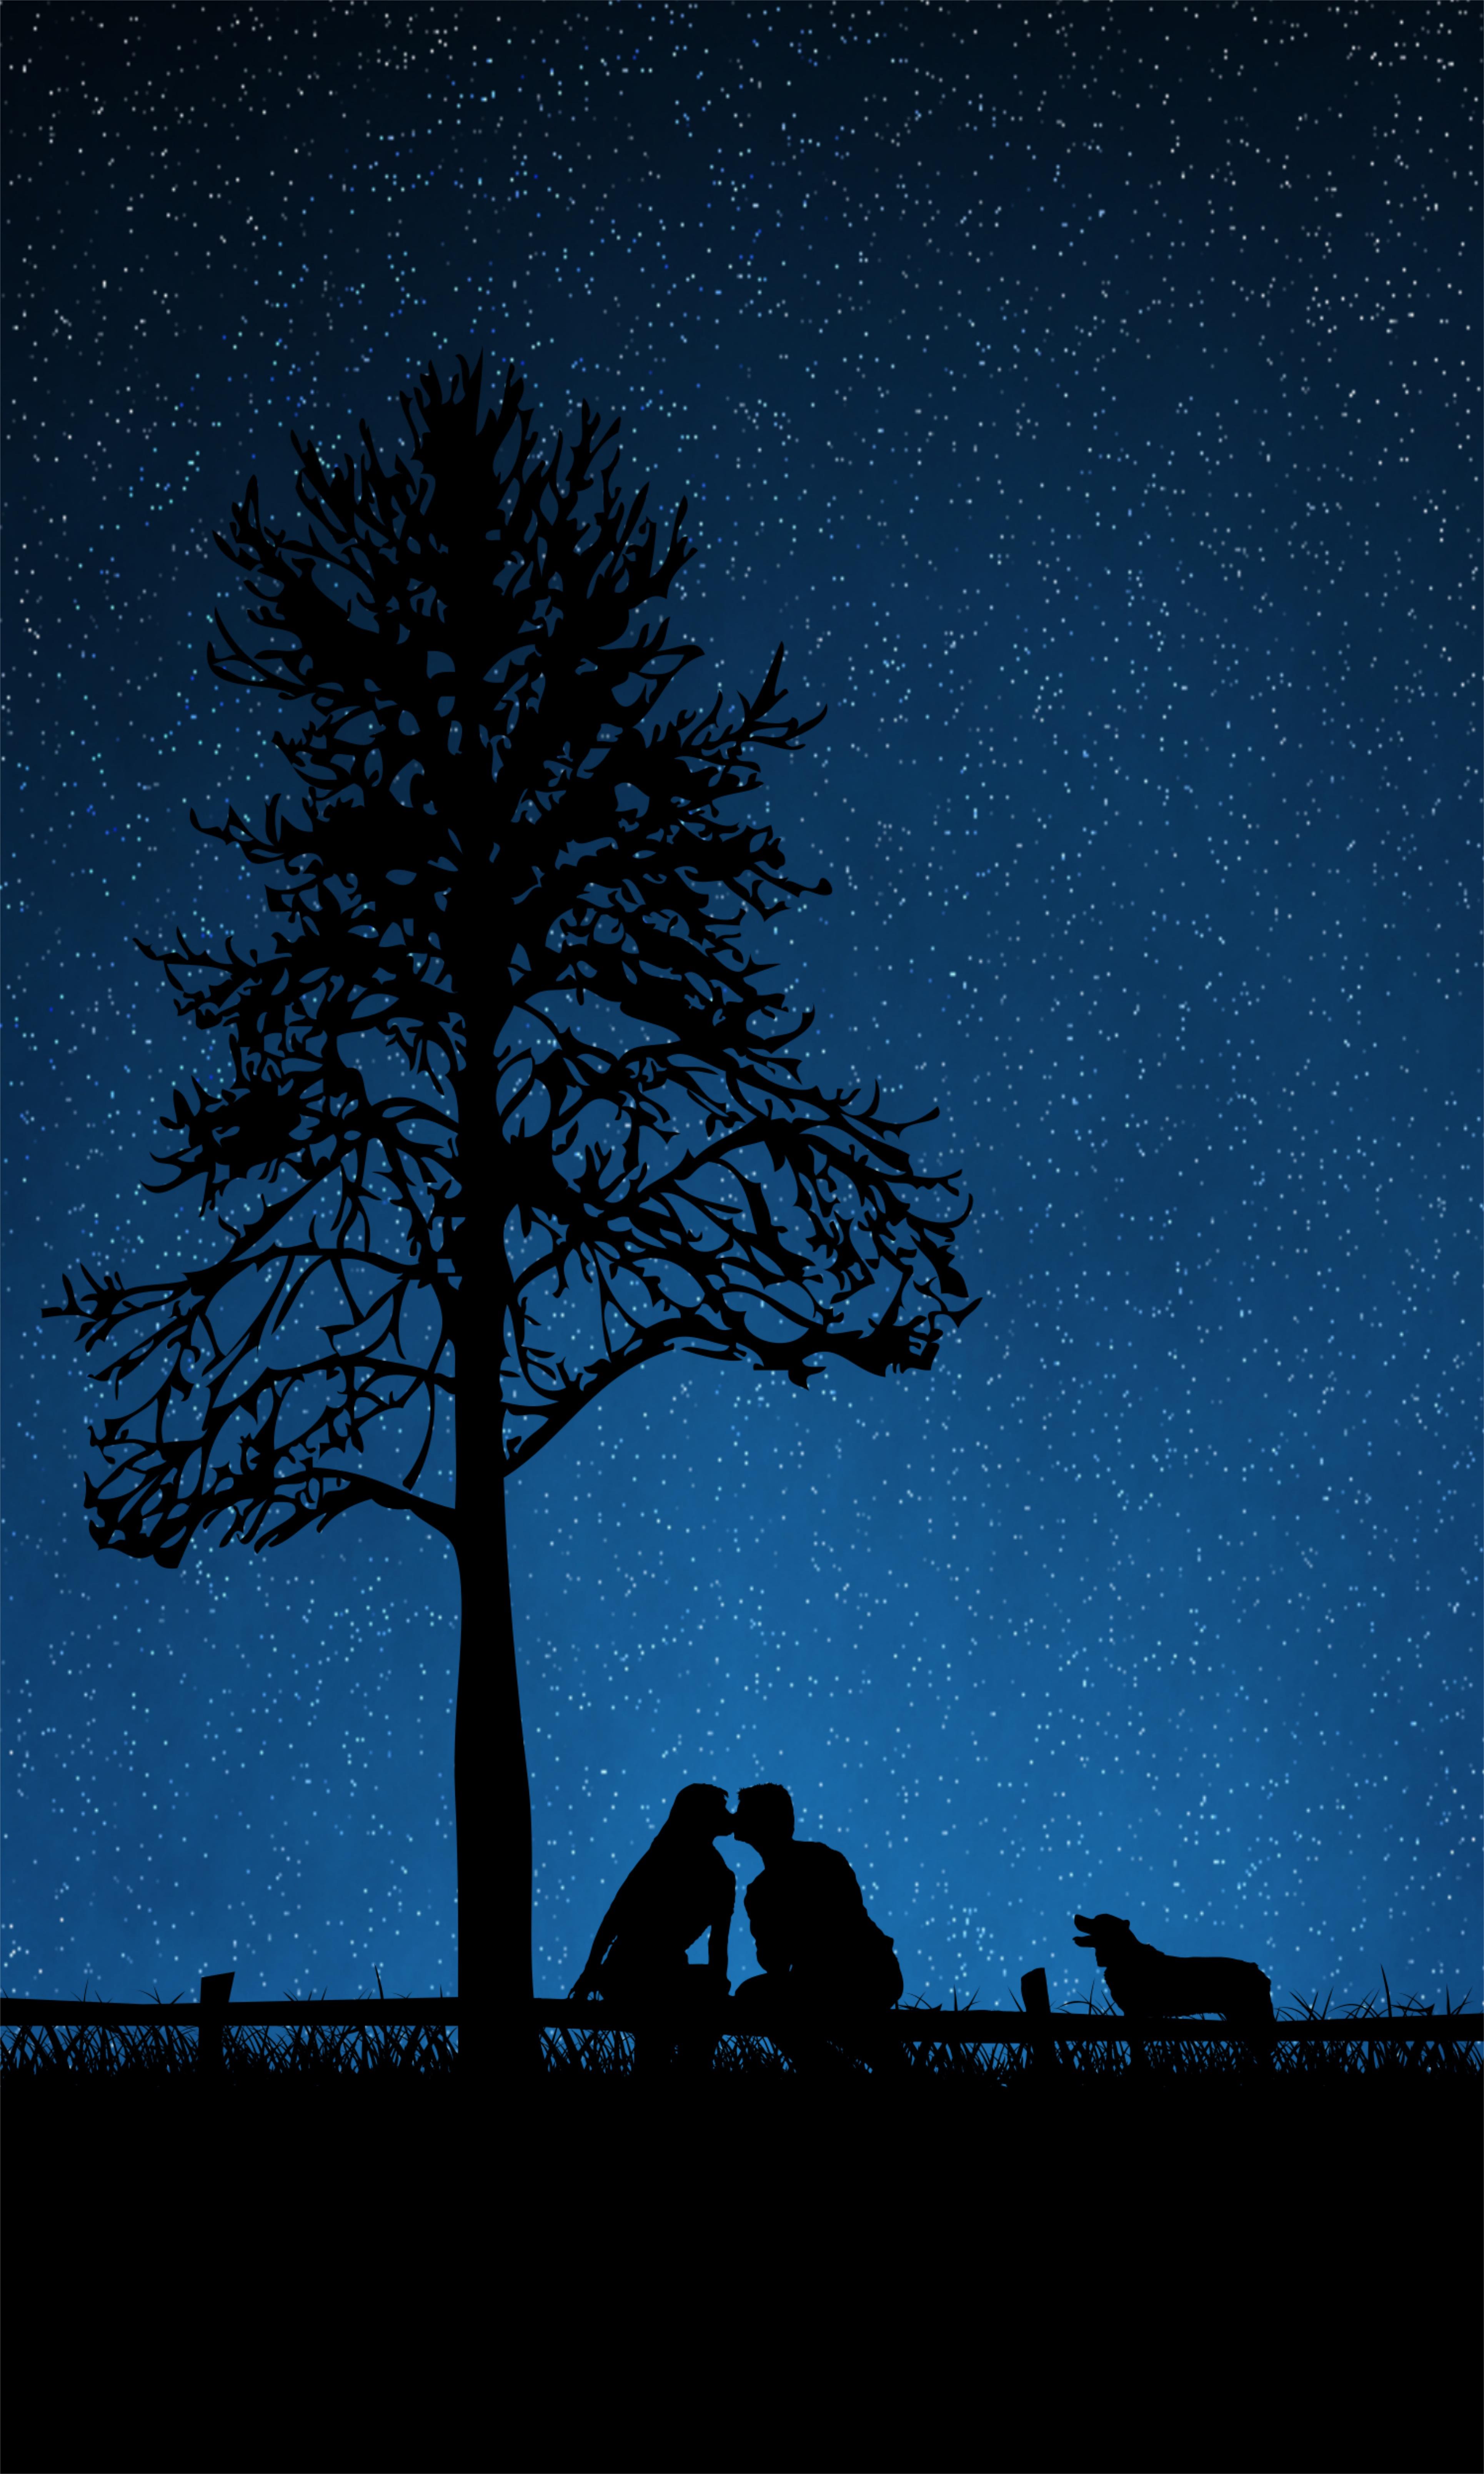 125121 Заставки и Обои Любовь на телефон. Скачать Любовь, Пара, Силуэты, Поцелуй, Собака, Звездное Небо, Дерево картинки бесплатно